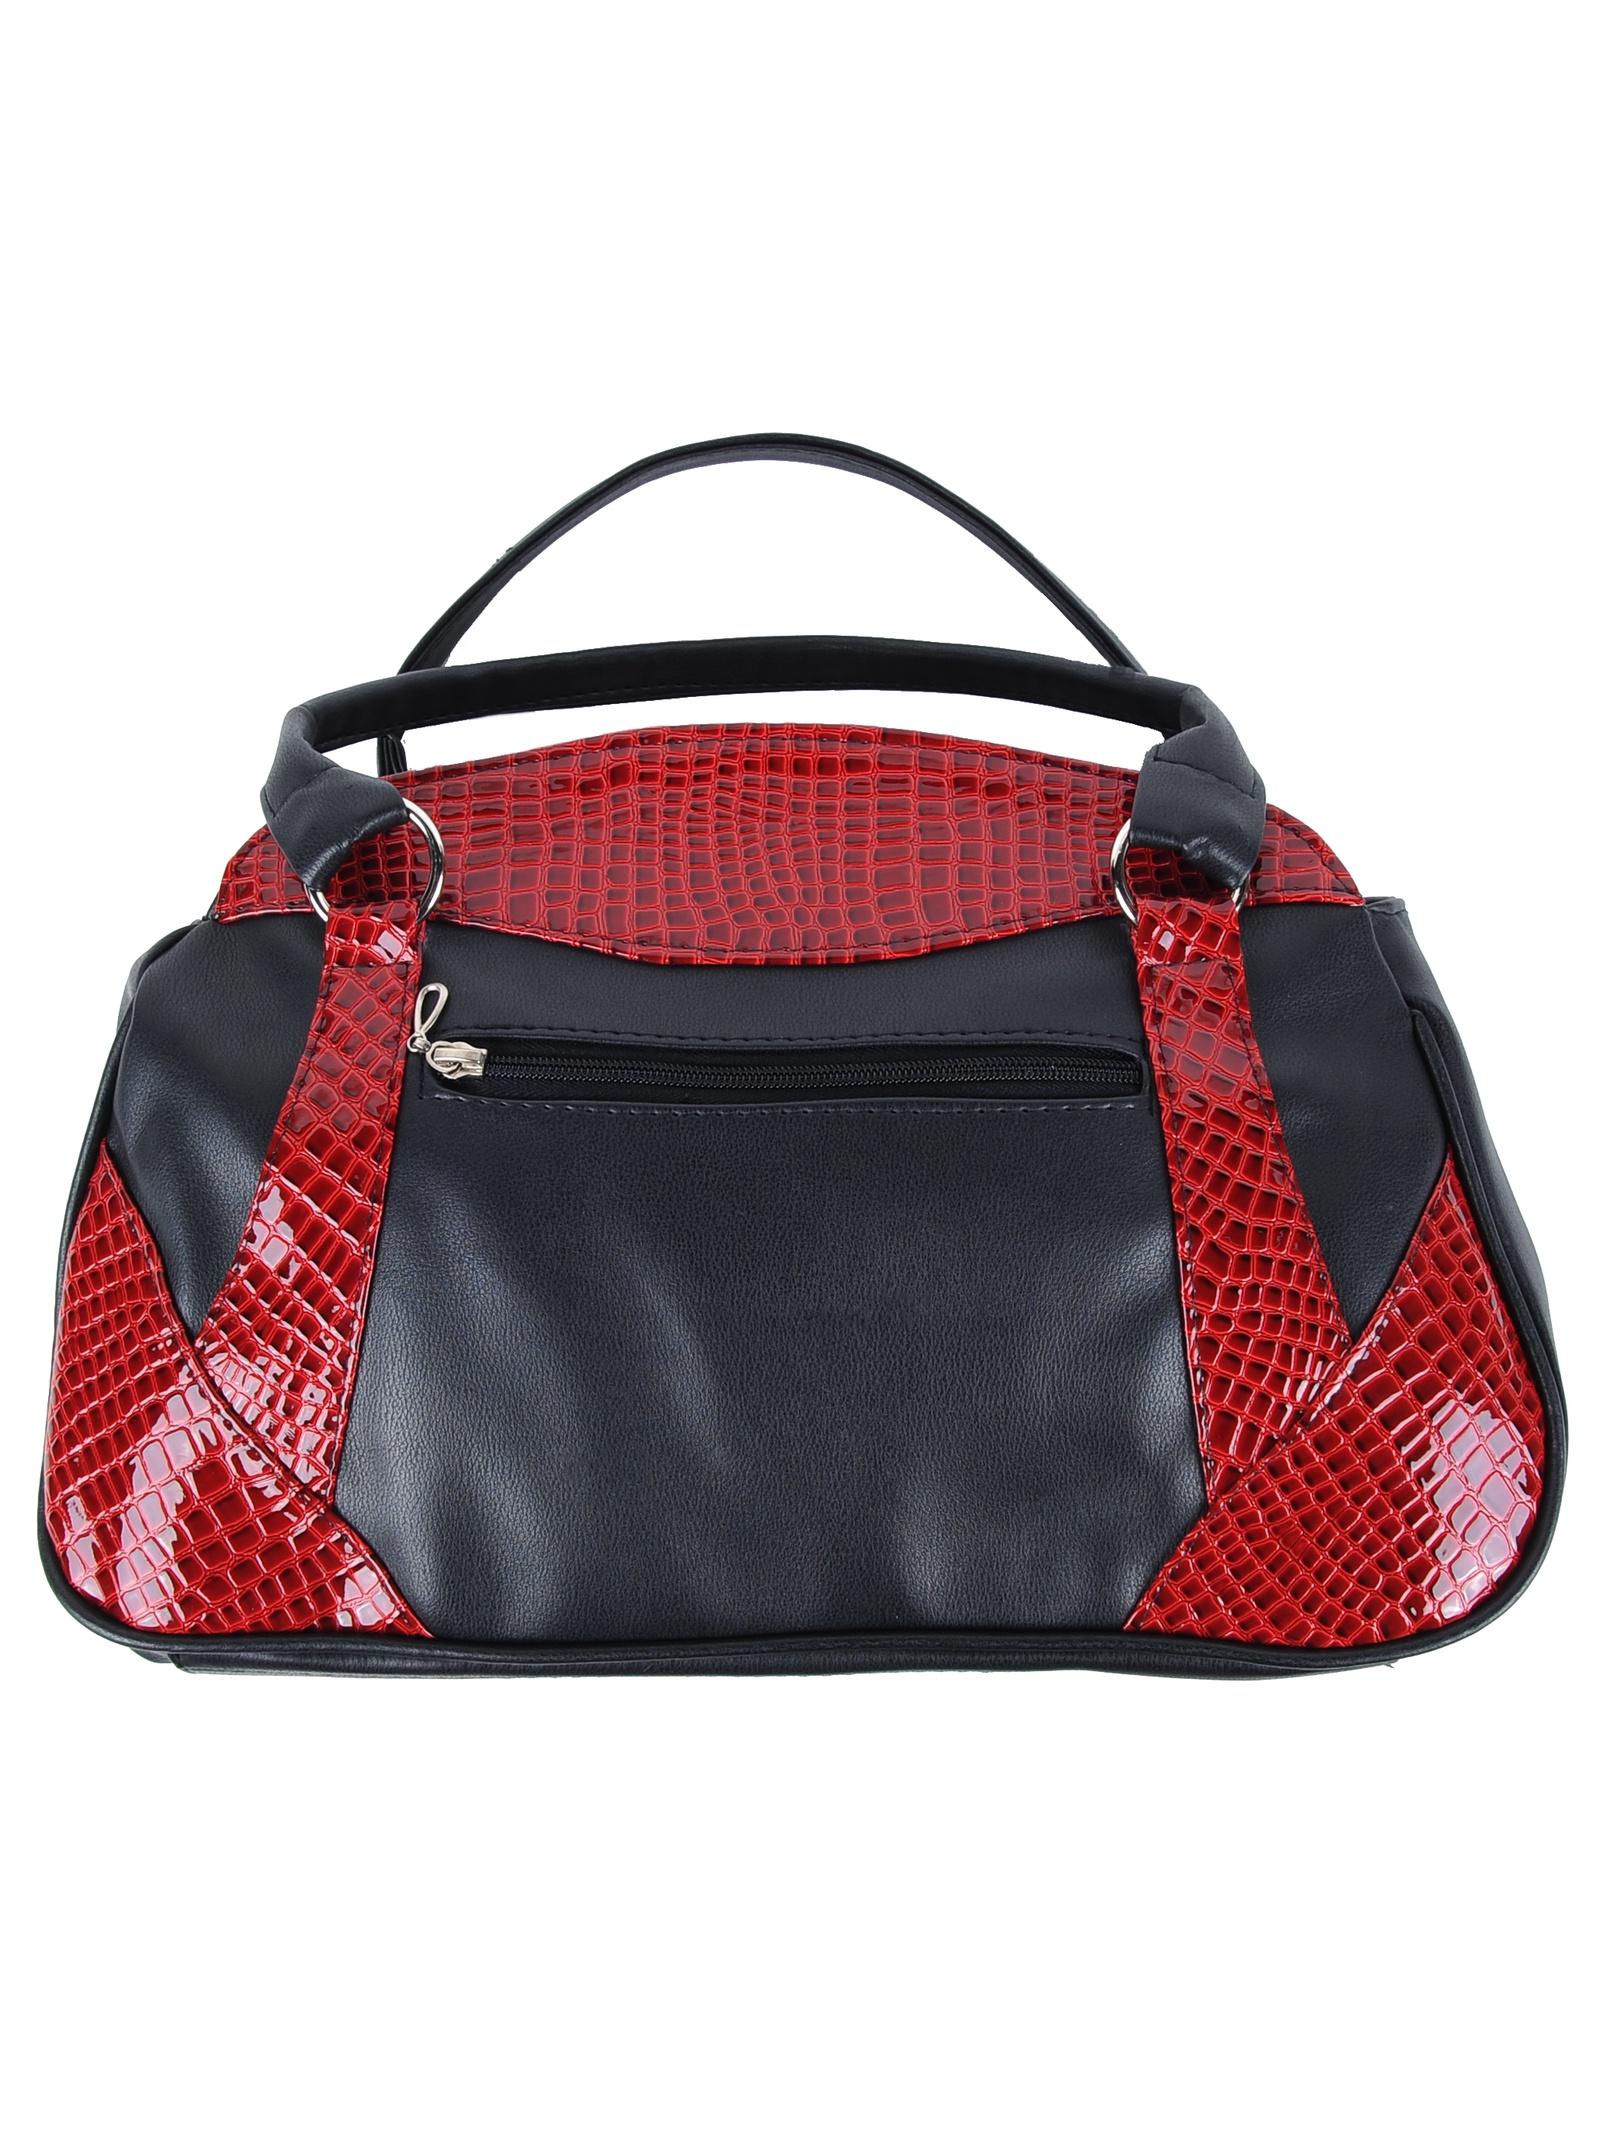 Сумка Мастер Дизайн 69 BLK red lac, черный ключница мастер дизайн 002 red lac 002 red lac красный